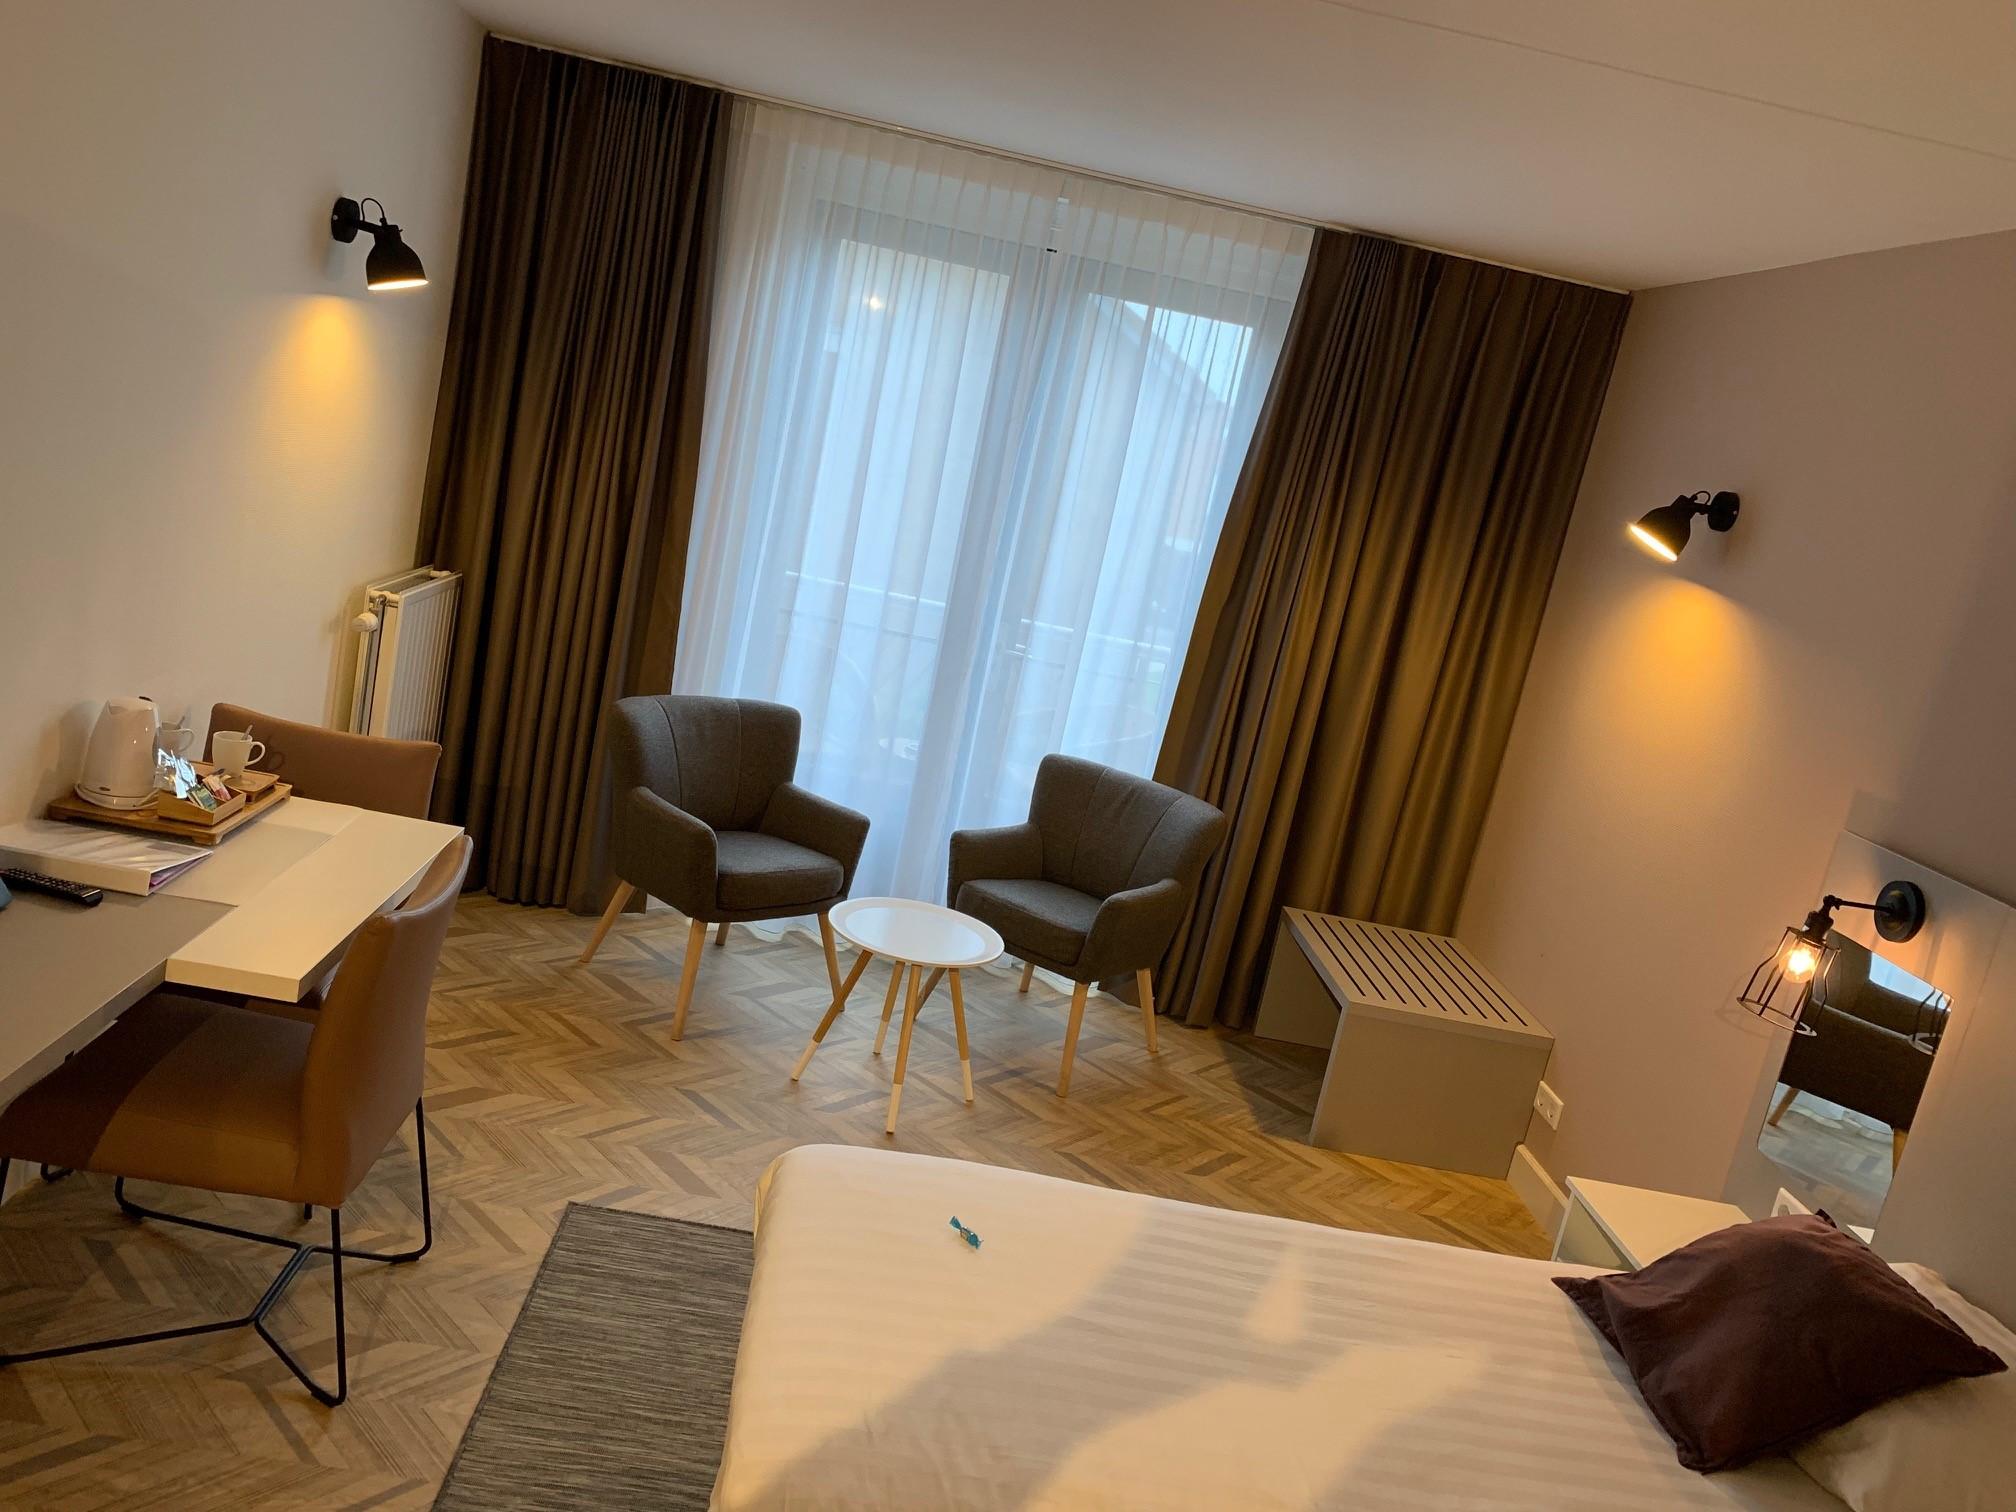 Kleiner Kühlschrank Im Hotelzimmer : Hotelzimmer fletcher hotel restaurant jagershorst eindhoven